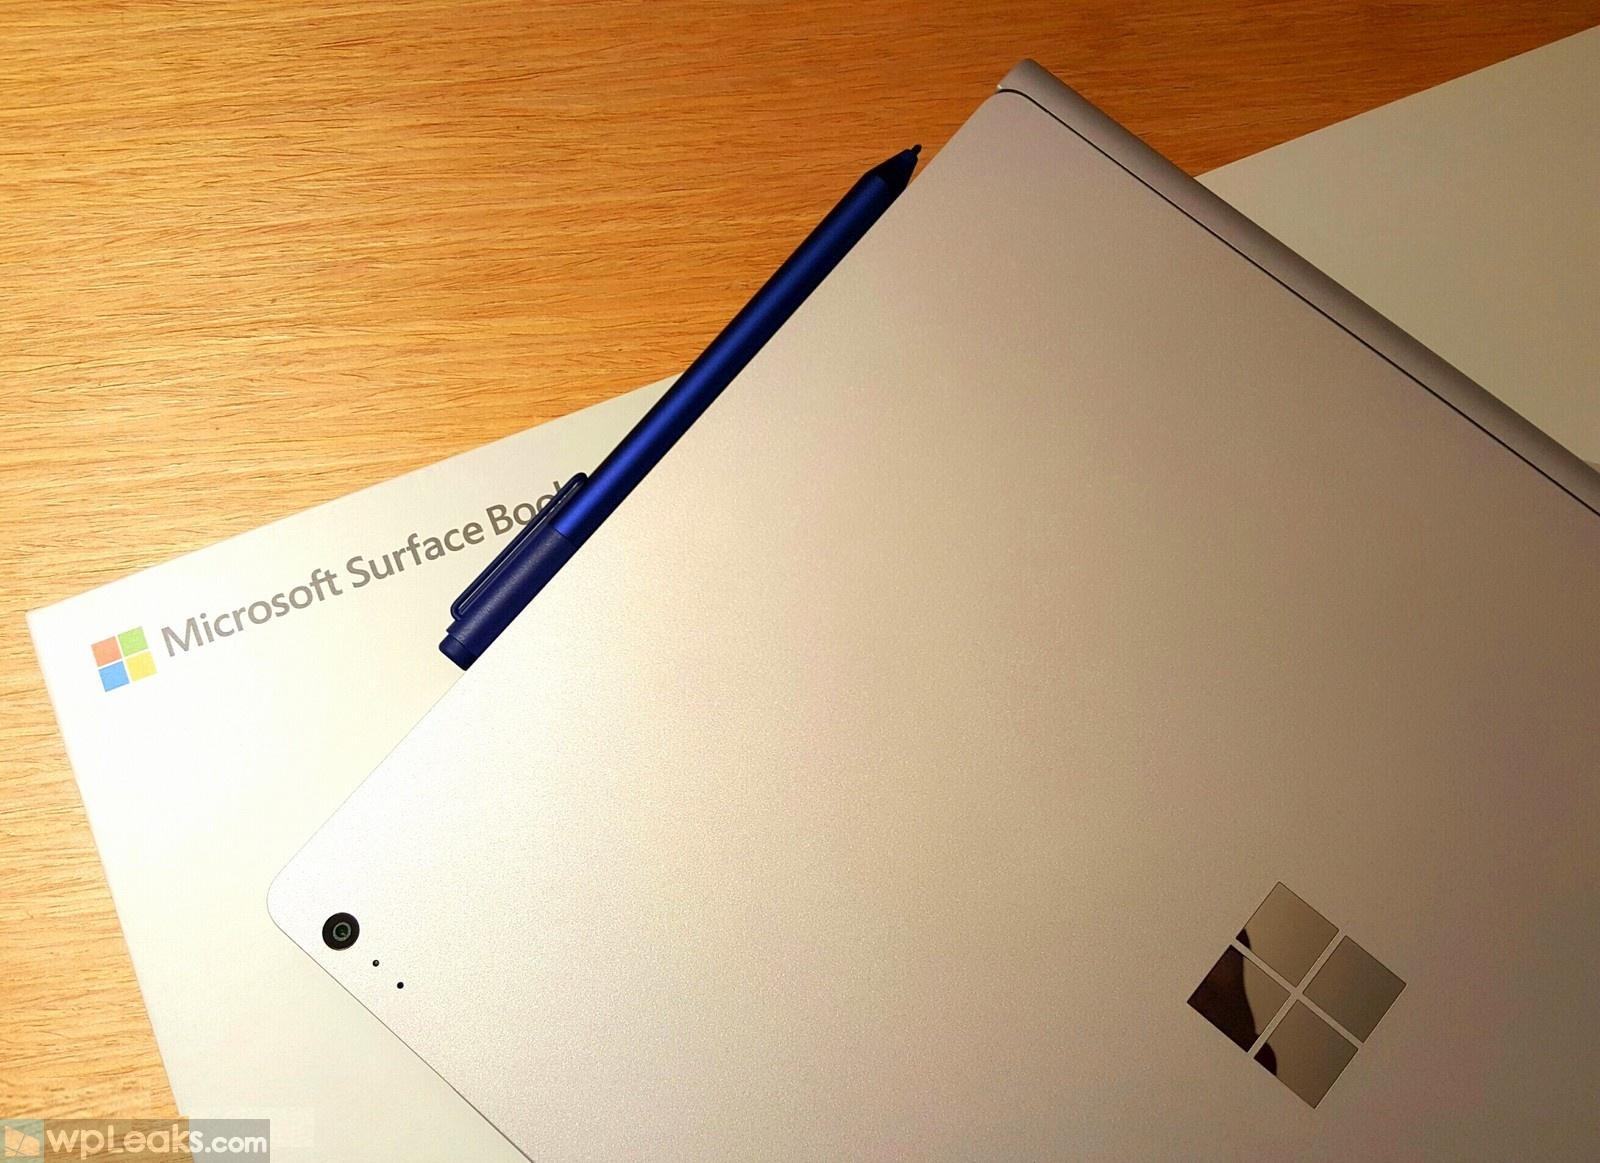 surface-book-logo-pen